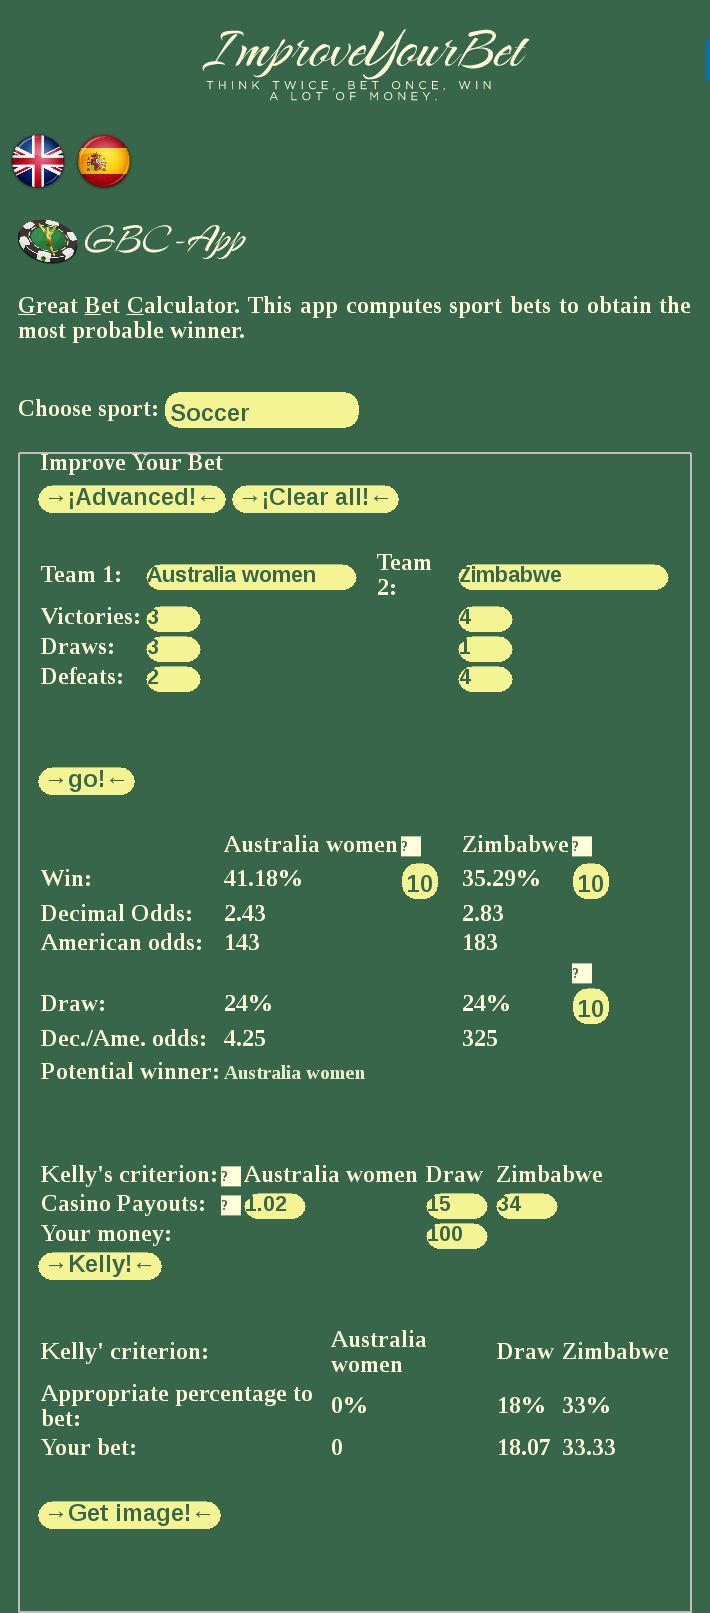 #RioOlympics2016 Australia Vs Zimbabwe Women soccer match.